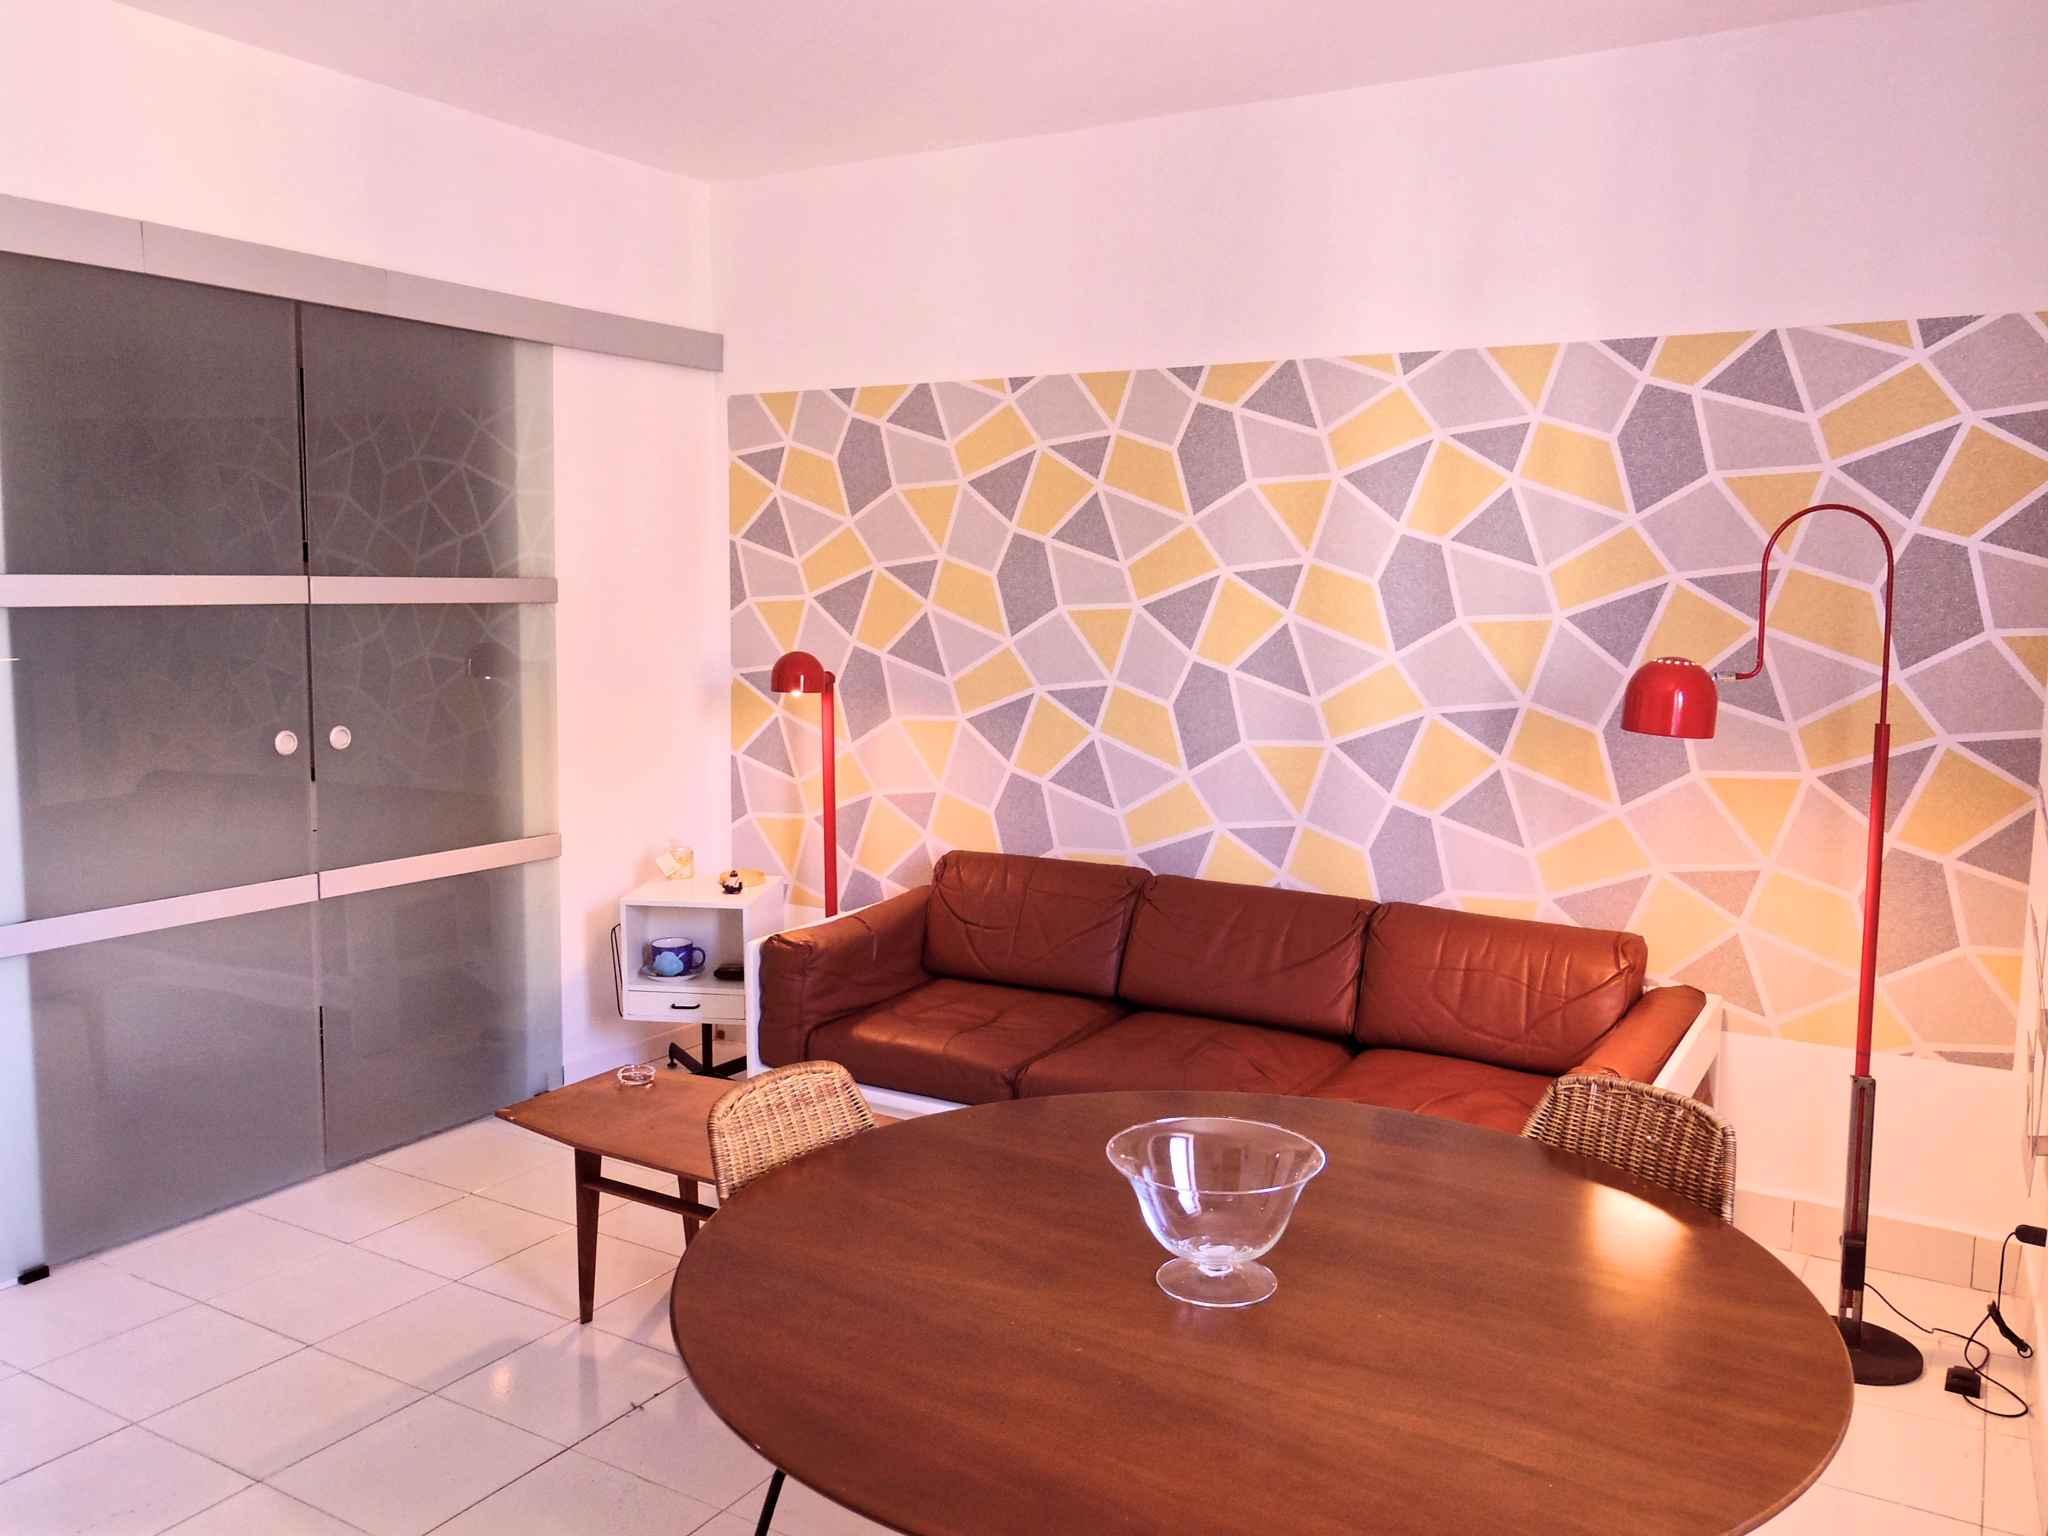 Ferienhaus Casa vacanze con aria condizionata e mobili di design anni 70